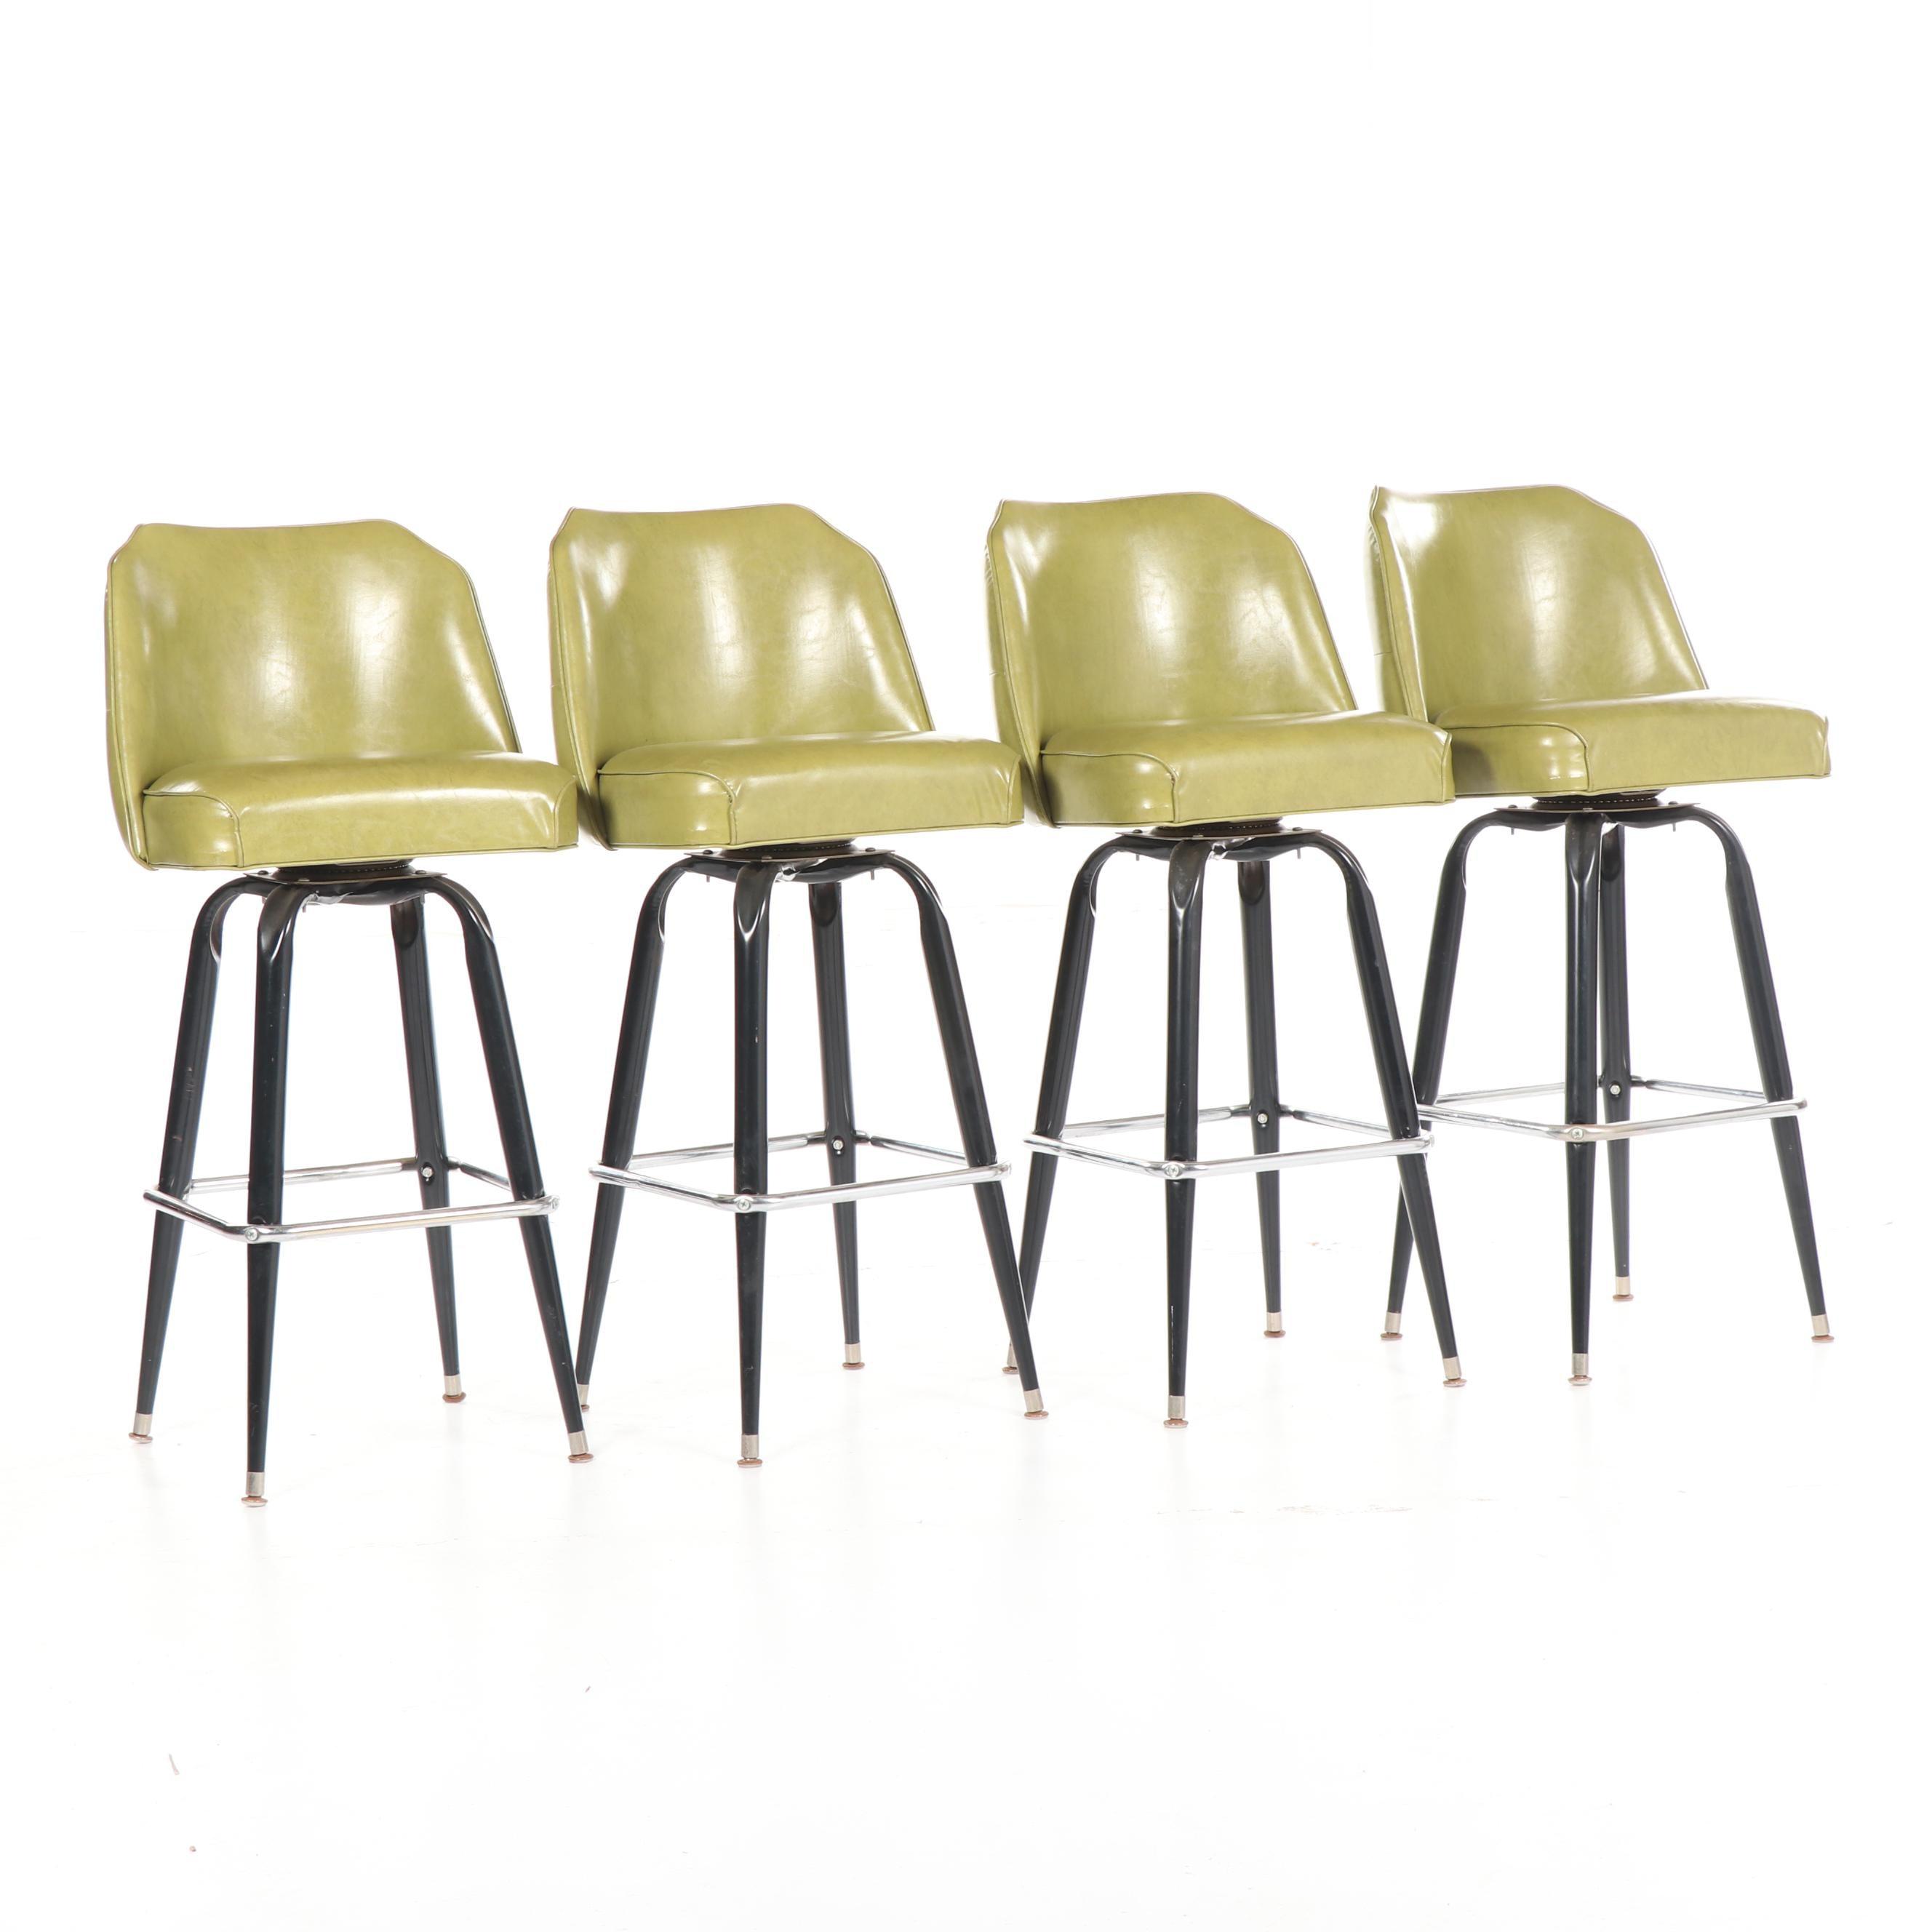 Mid Century Modern Tufted Vinyl Upholstered Metal Barstools, Mid-20th Century